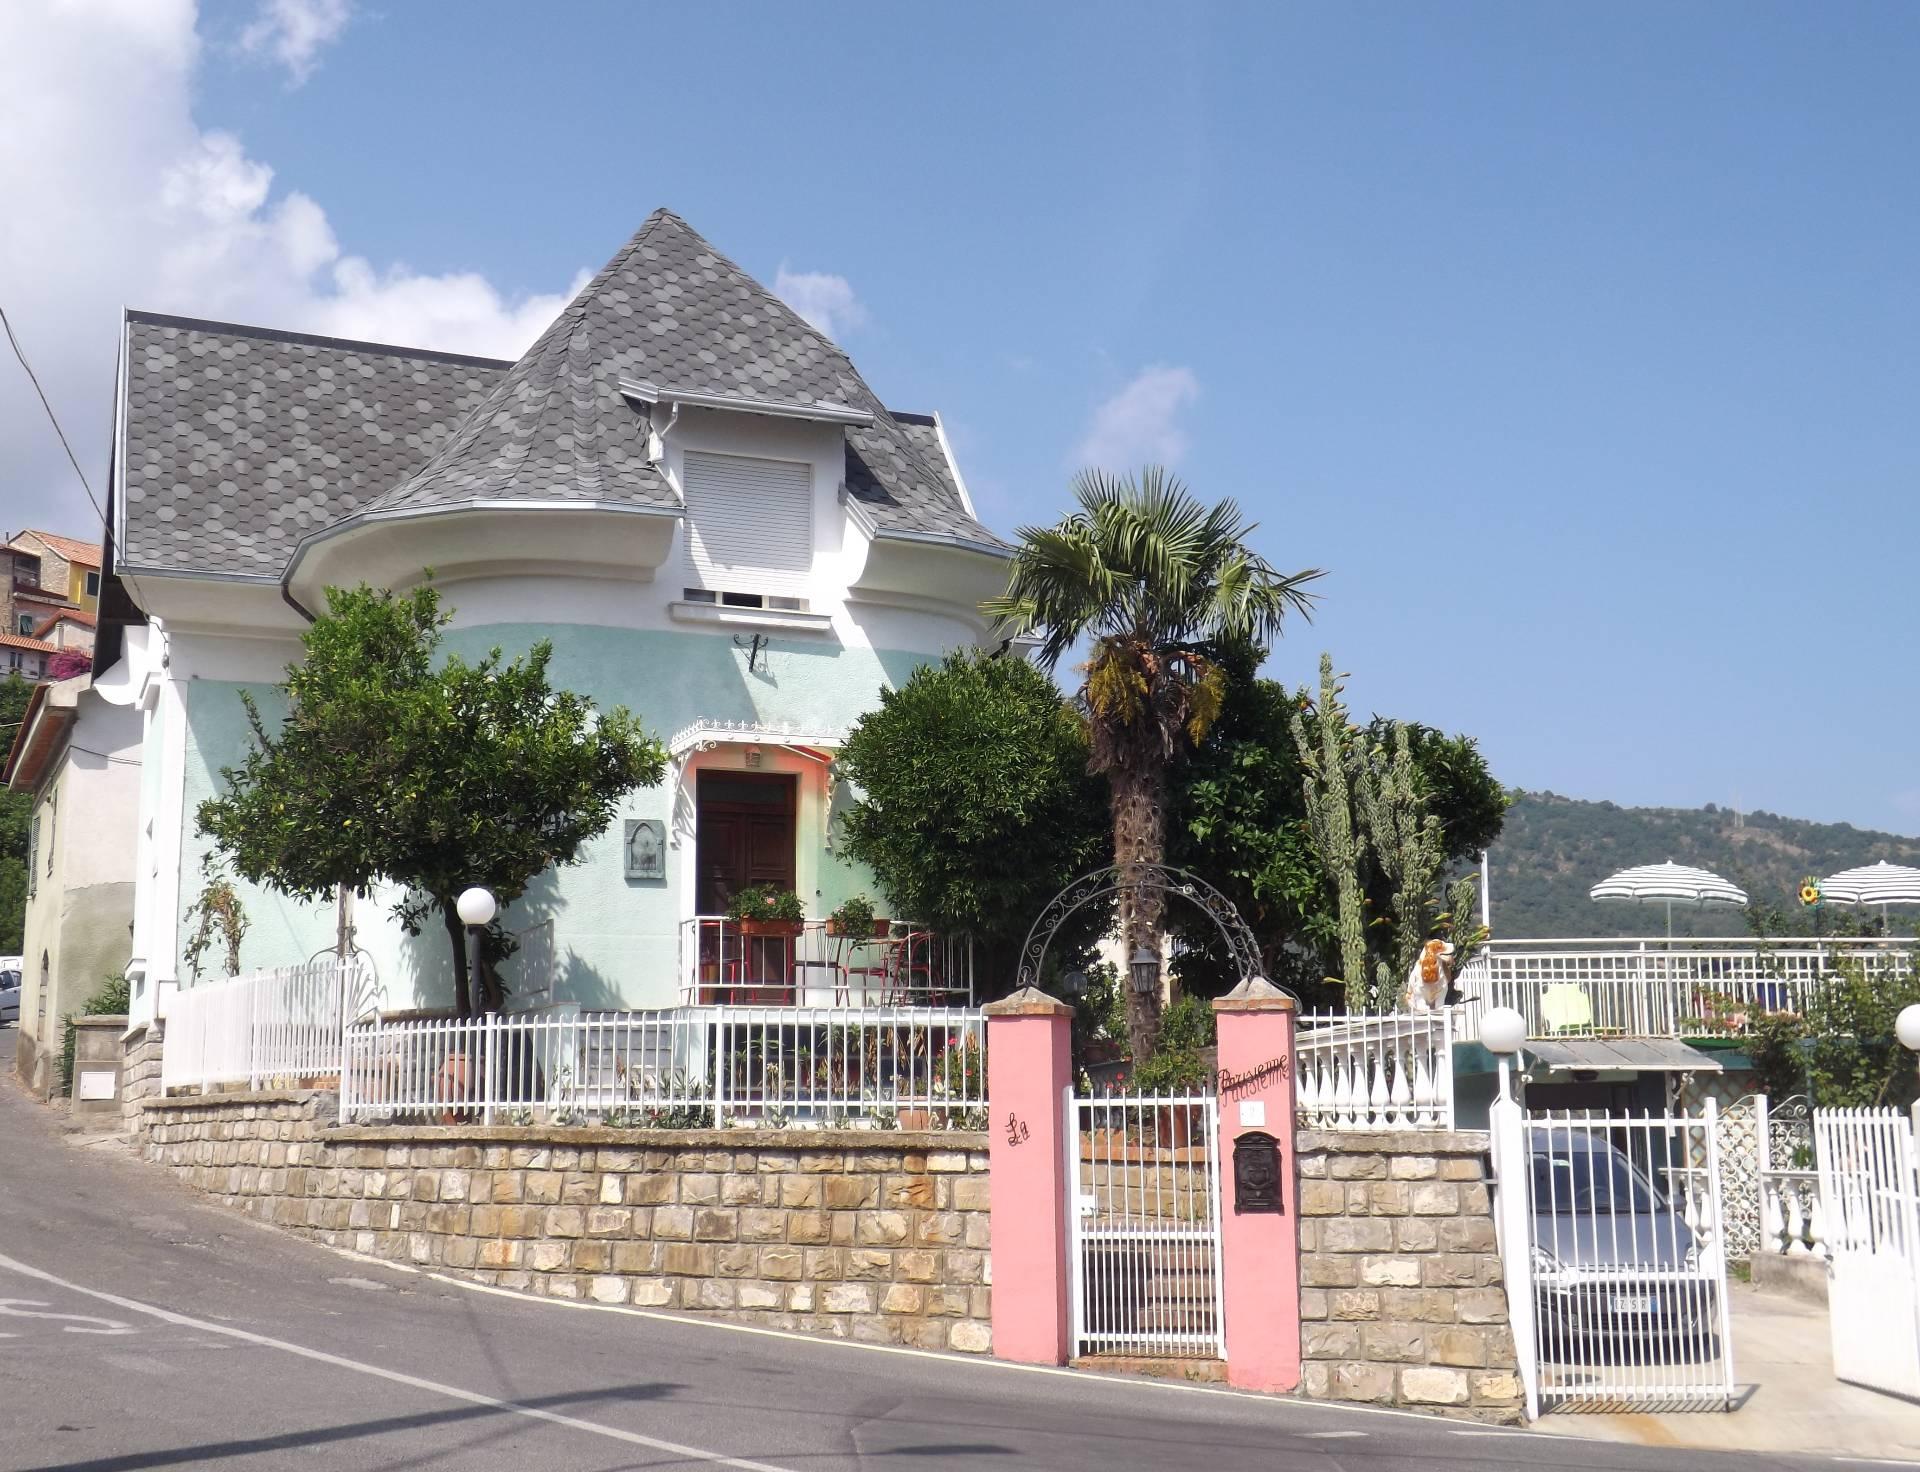 Villa in vendita a Diano Marina, 8 locali, zona Località: DianoArentinoeFrazioni, prezzo € 235.000 | Cambio Casa.it